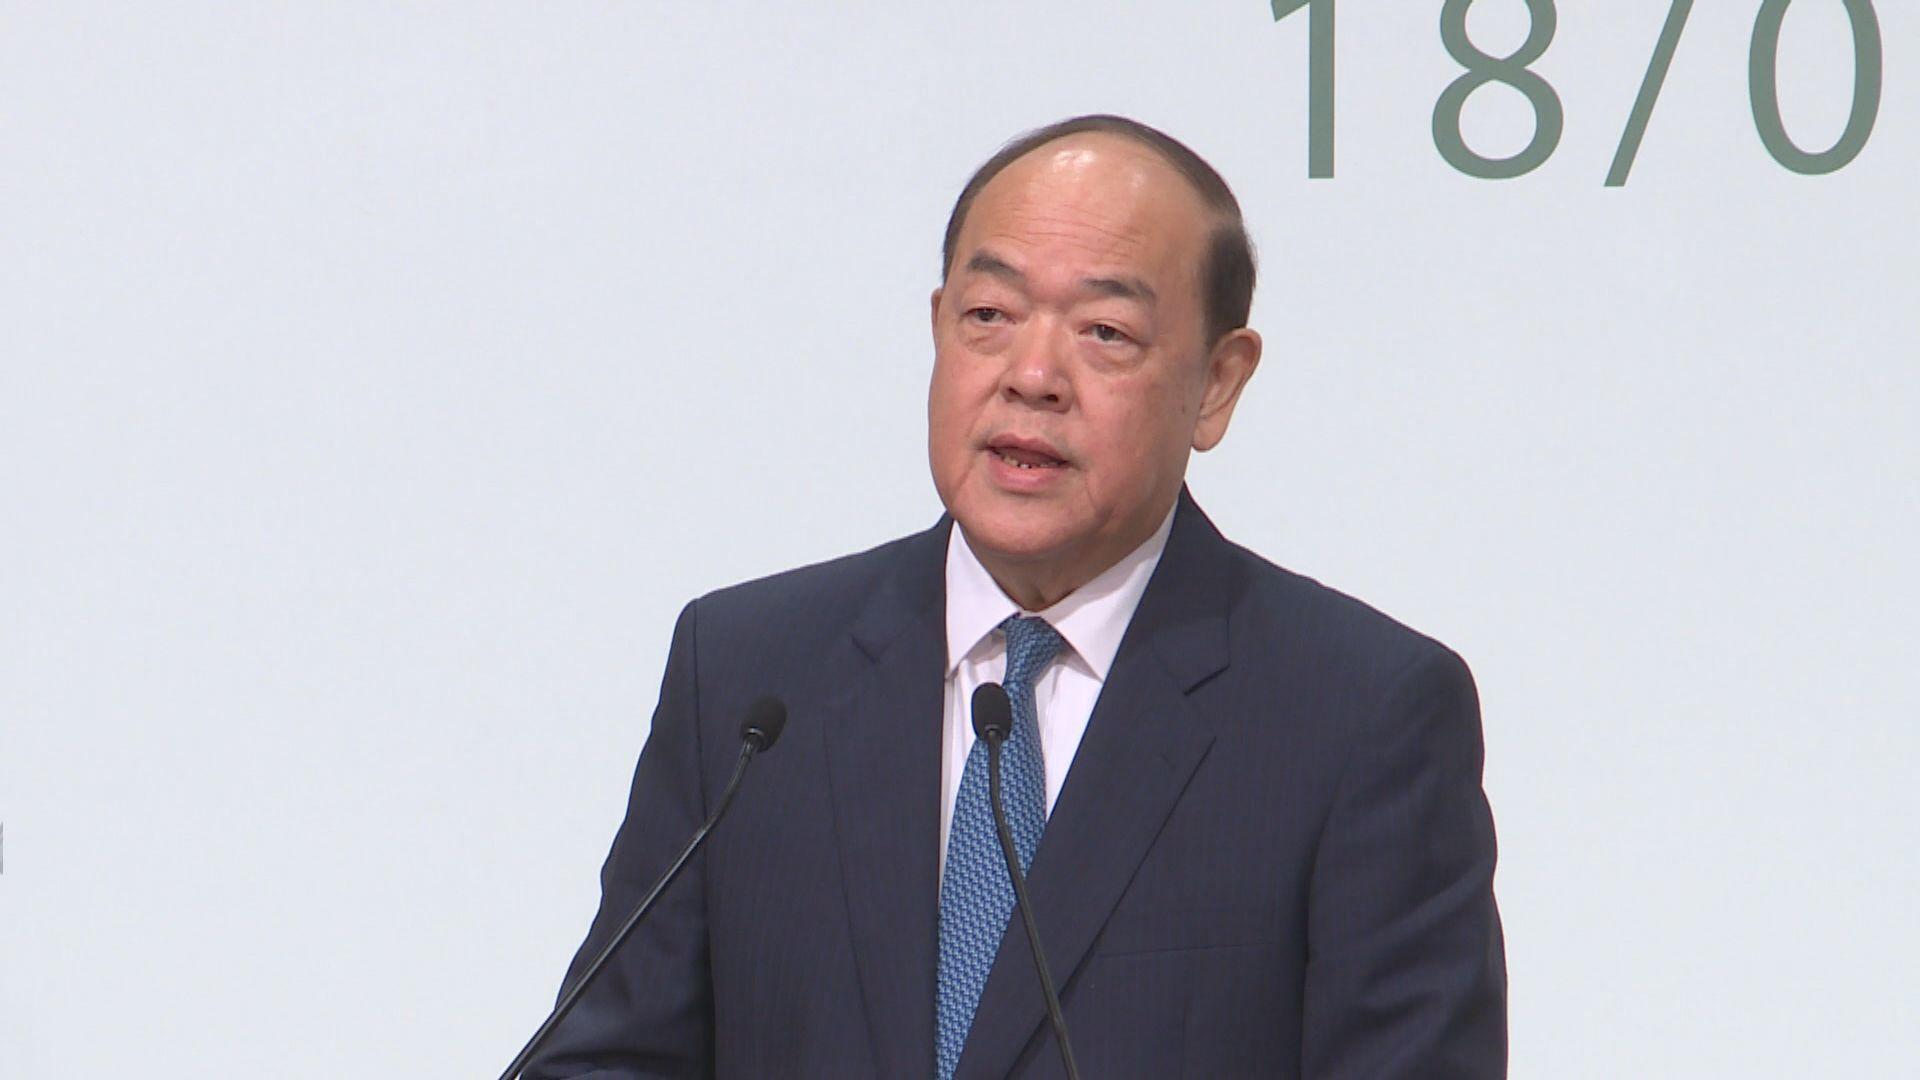 賀一誠:澳門繁榮穩定在於準確貫徹一國兩制